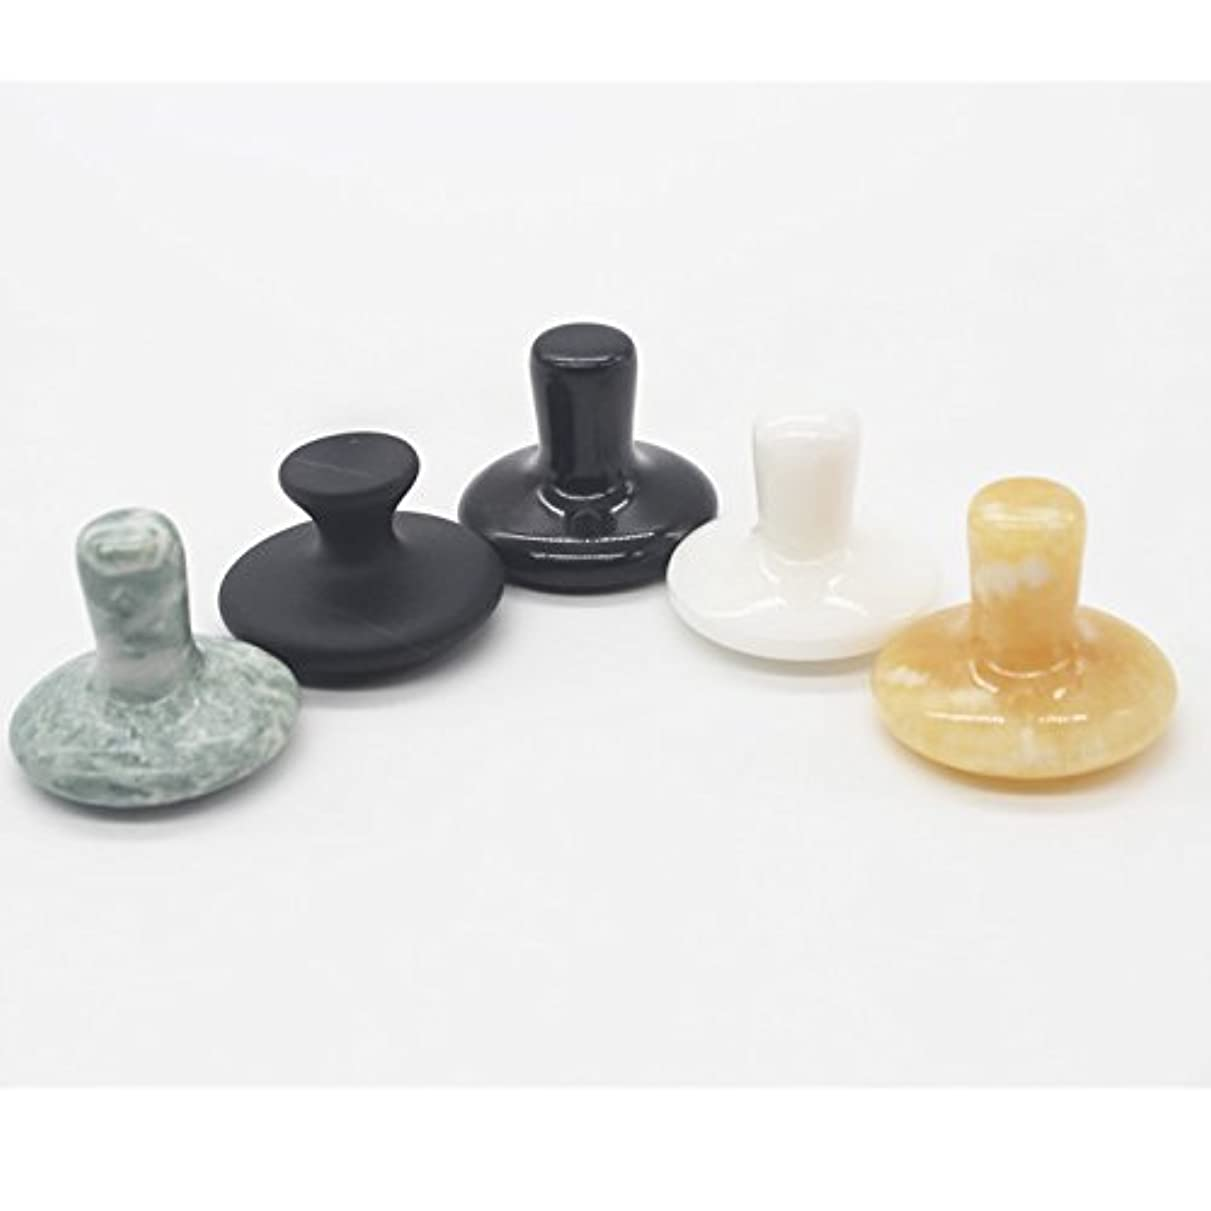 持ってる州のヒープ5点セット天然石キノコ,しいたけの形状のマッサージ棒 足つぼ?手のひら かっさホットストーンHOT STONES Mushroom shape Natural massage Gua Sha Stone 5 pieces